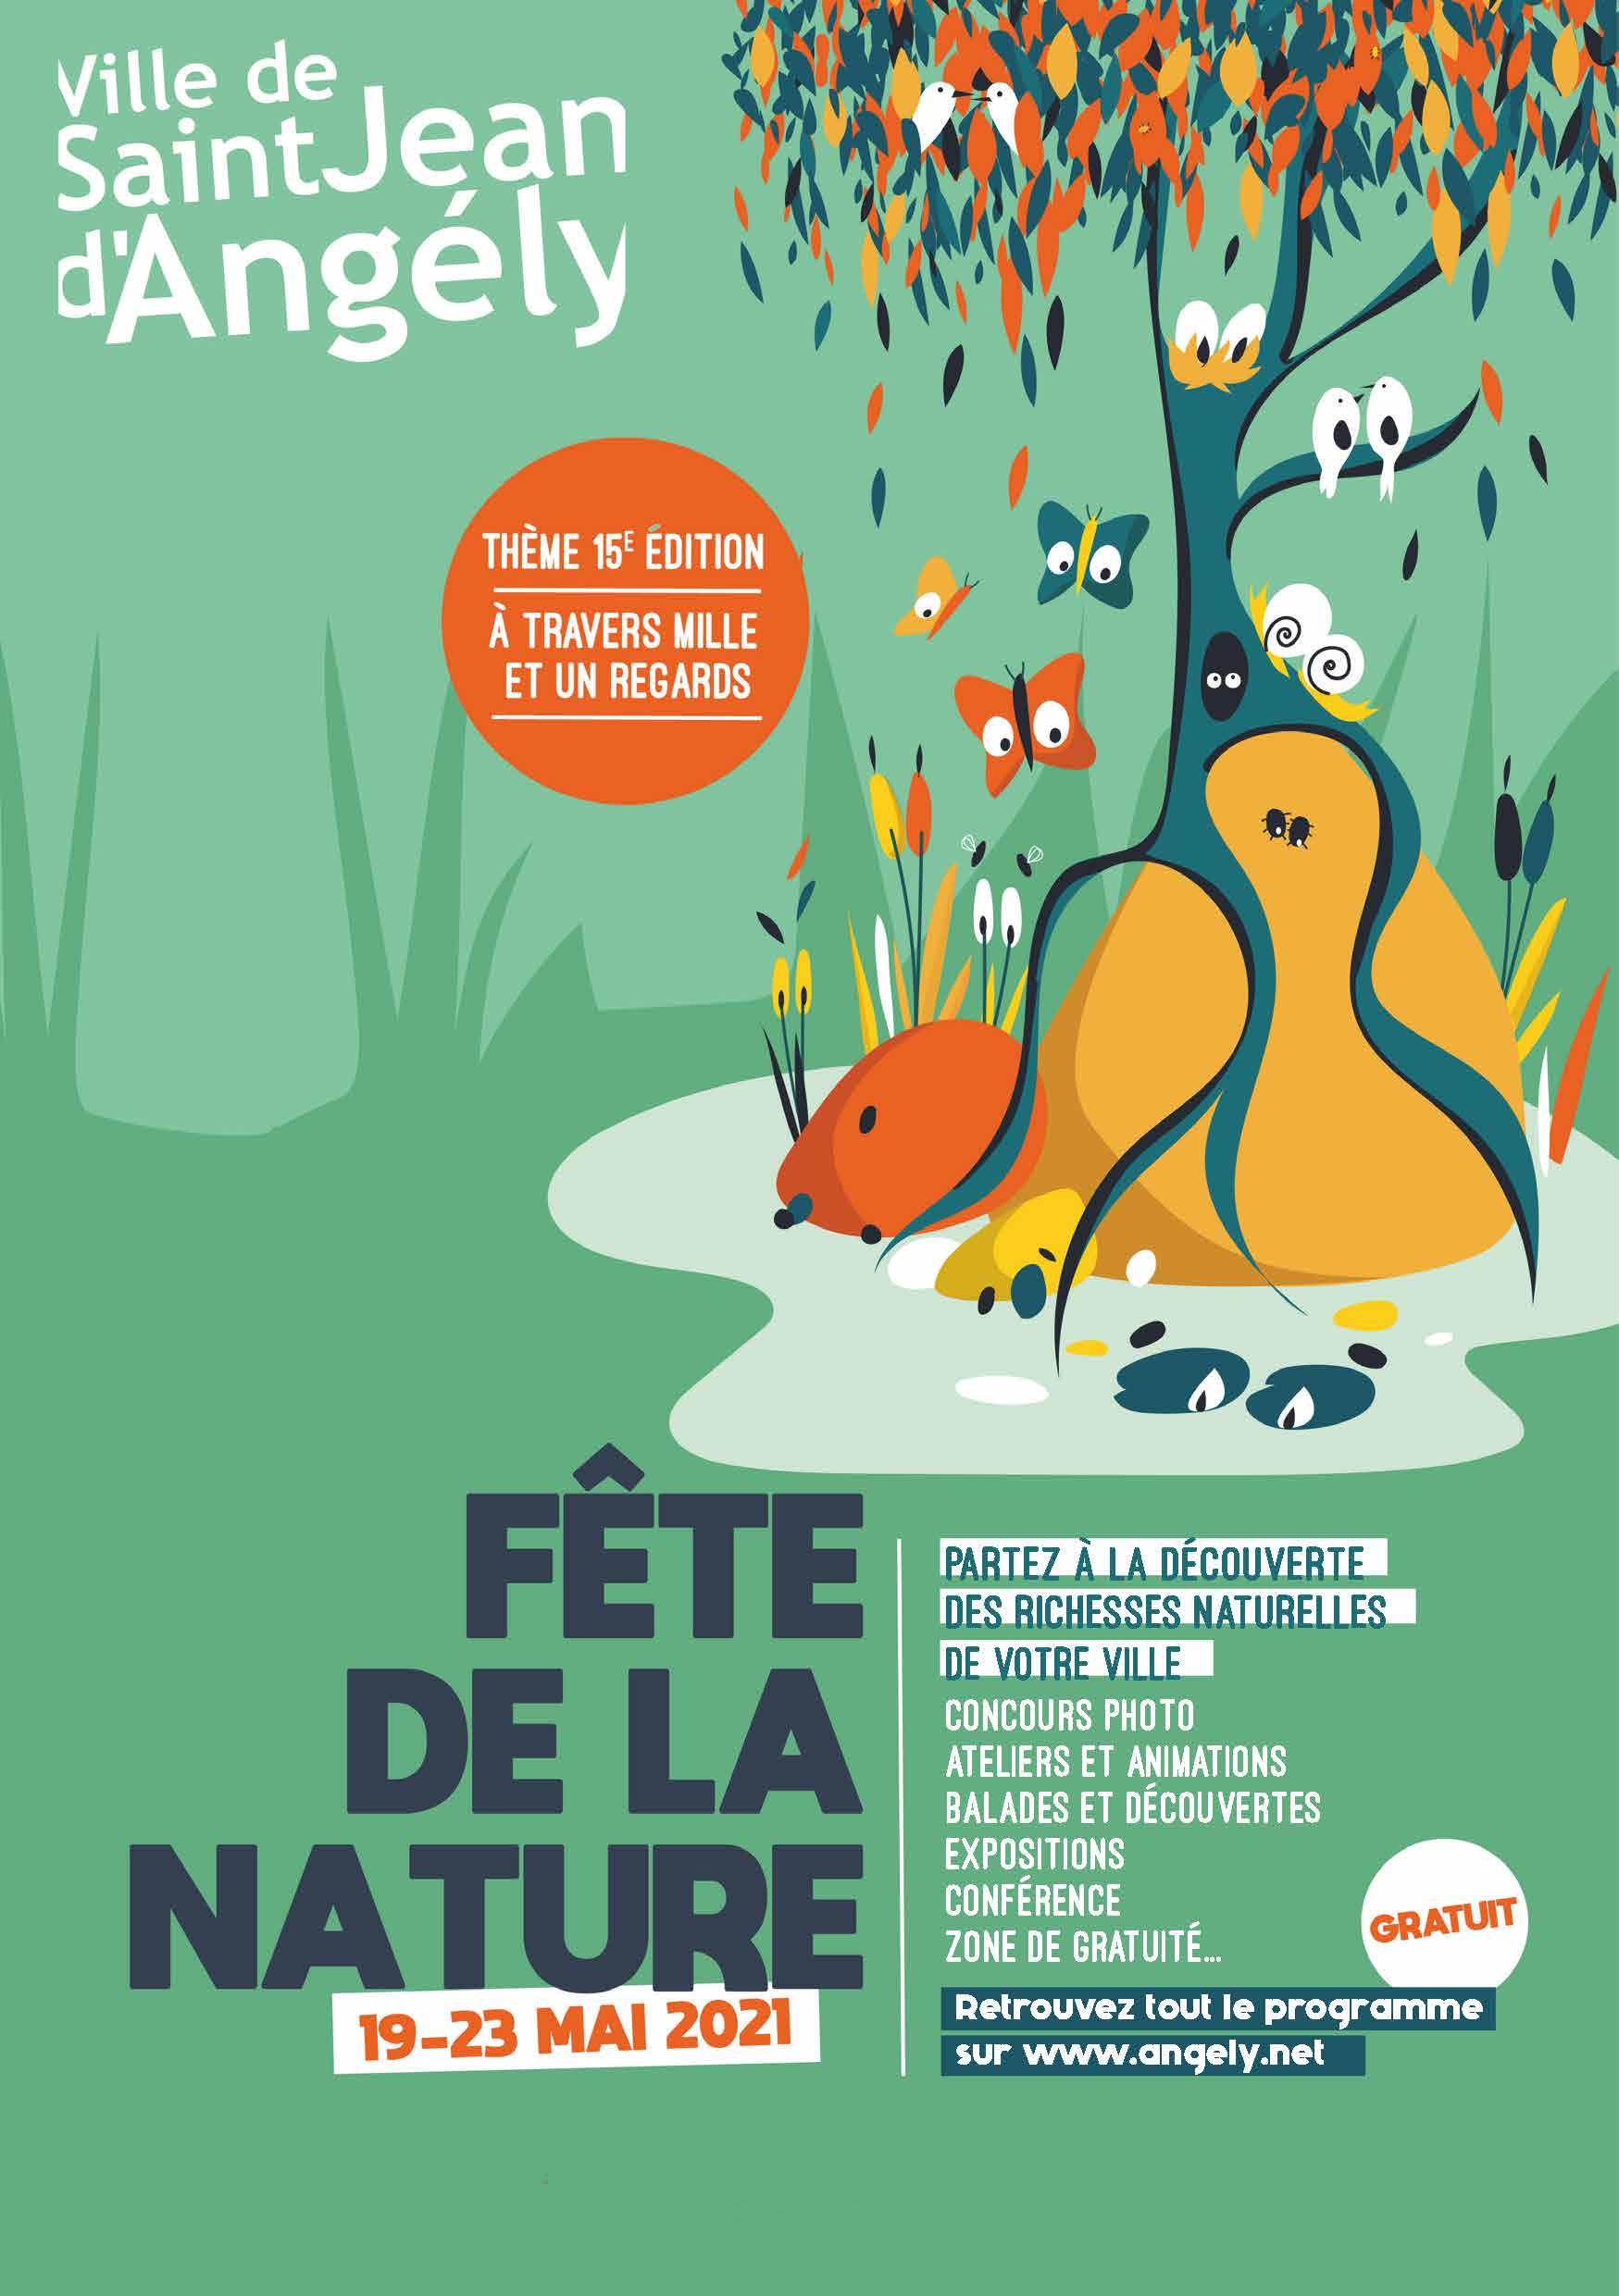 Fête de la Nature à Saint Jean d'Angély 2021